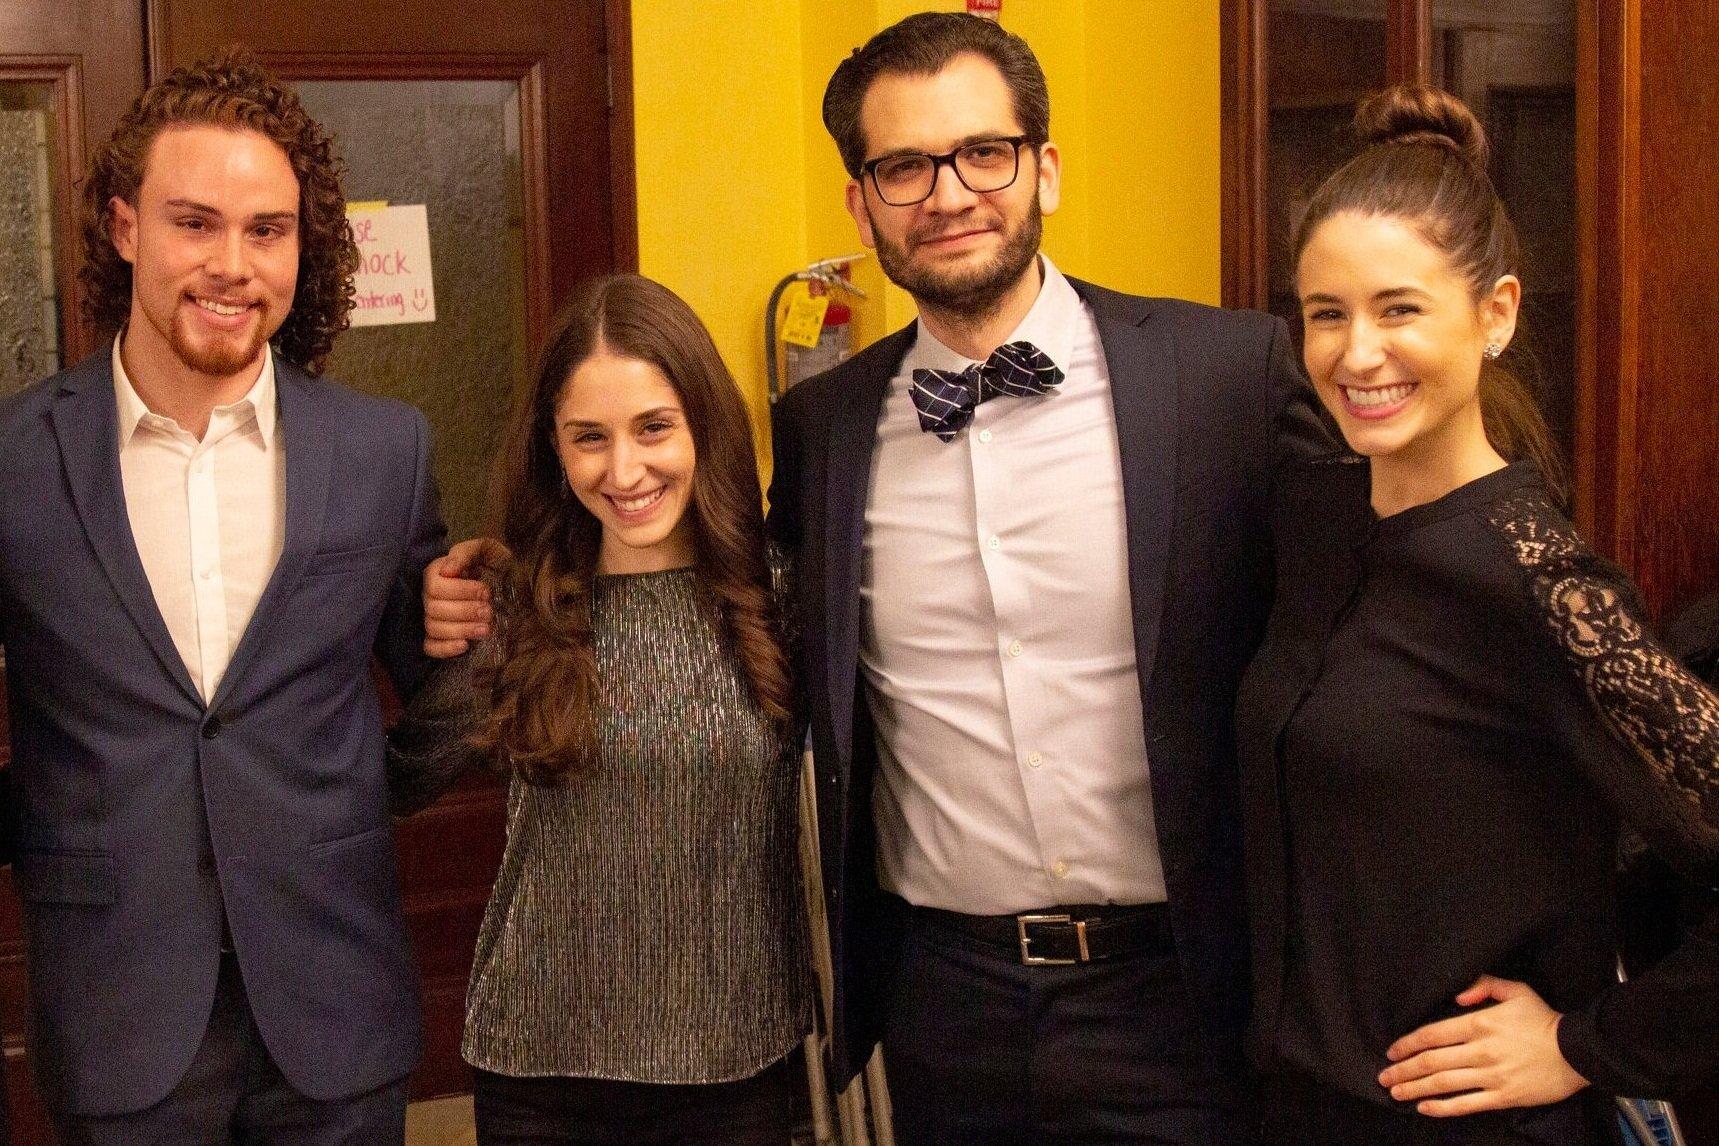 Broadway Actor - Angel Jonathan Lozada, Board Director - Daniella DeSanto, Founder - Eric Margiore, Celebrity Chef - Chloe Coscarelli